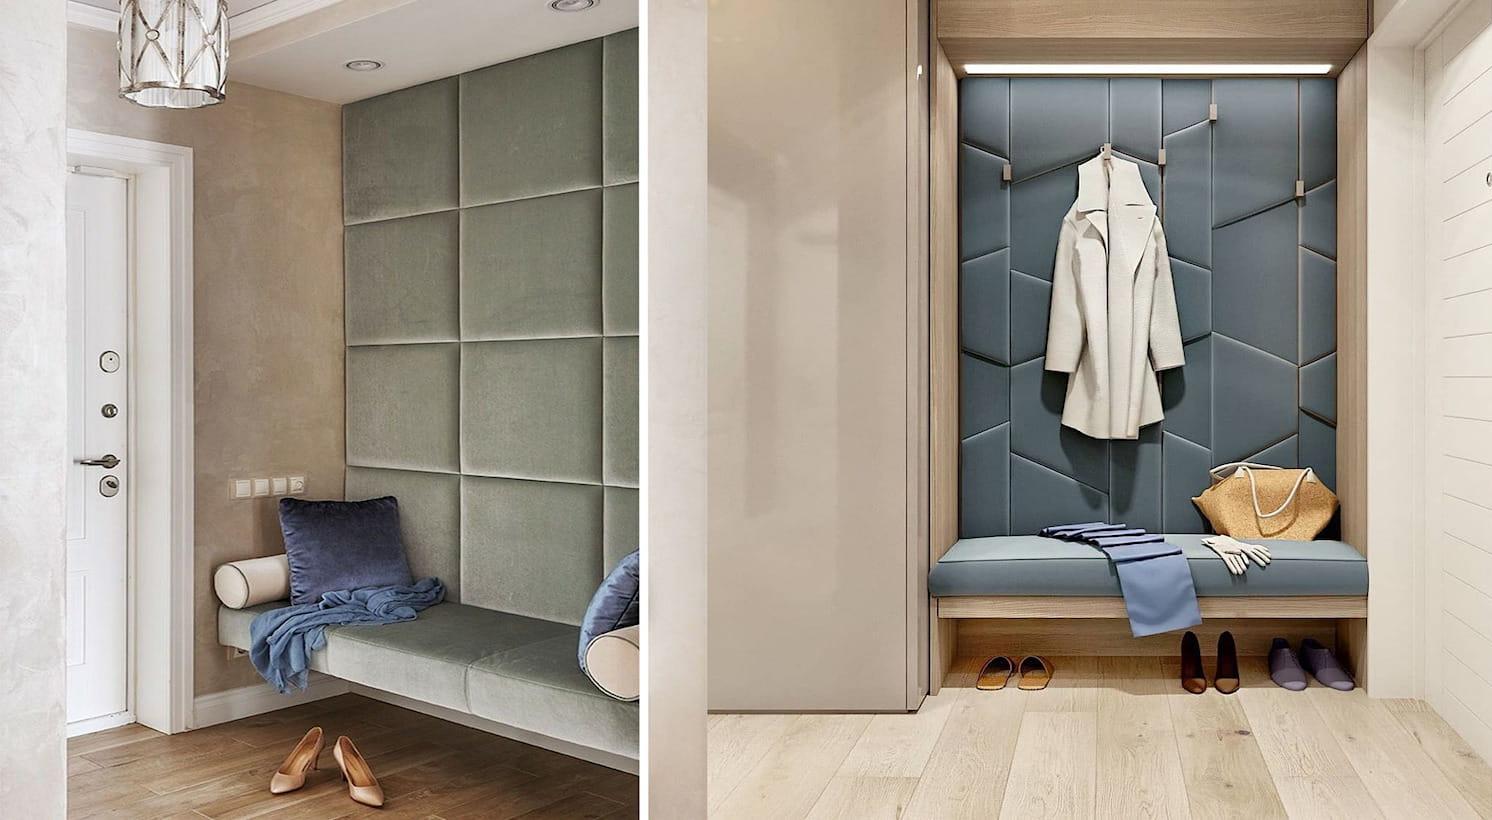 Отделка стен в прихожей мягкими панелями смотрится стильно и оригинально